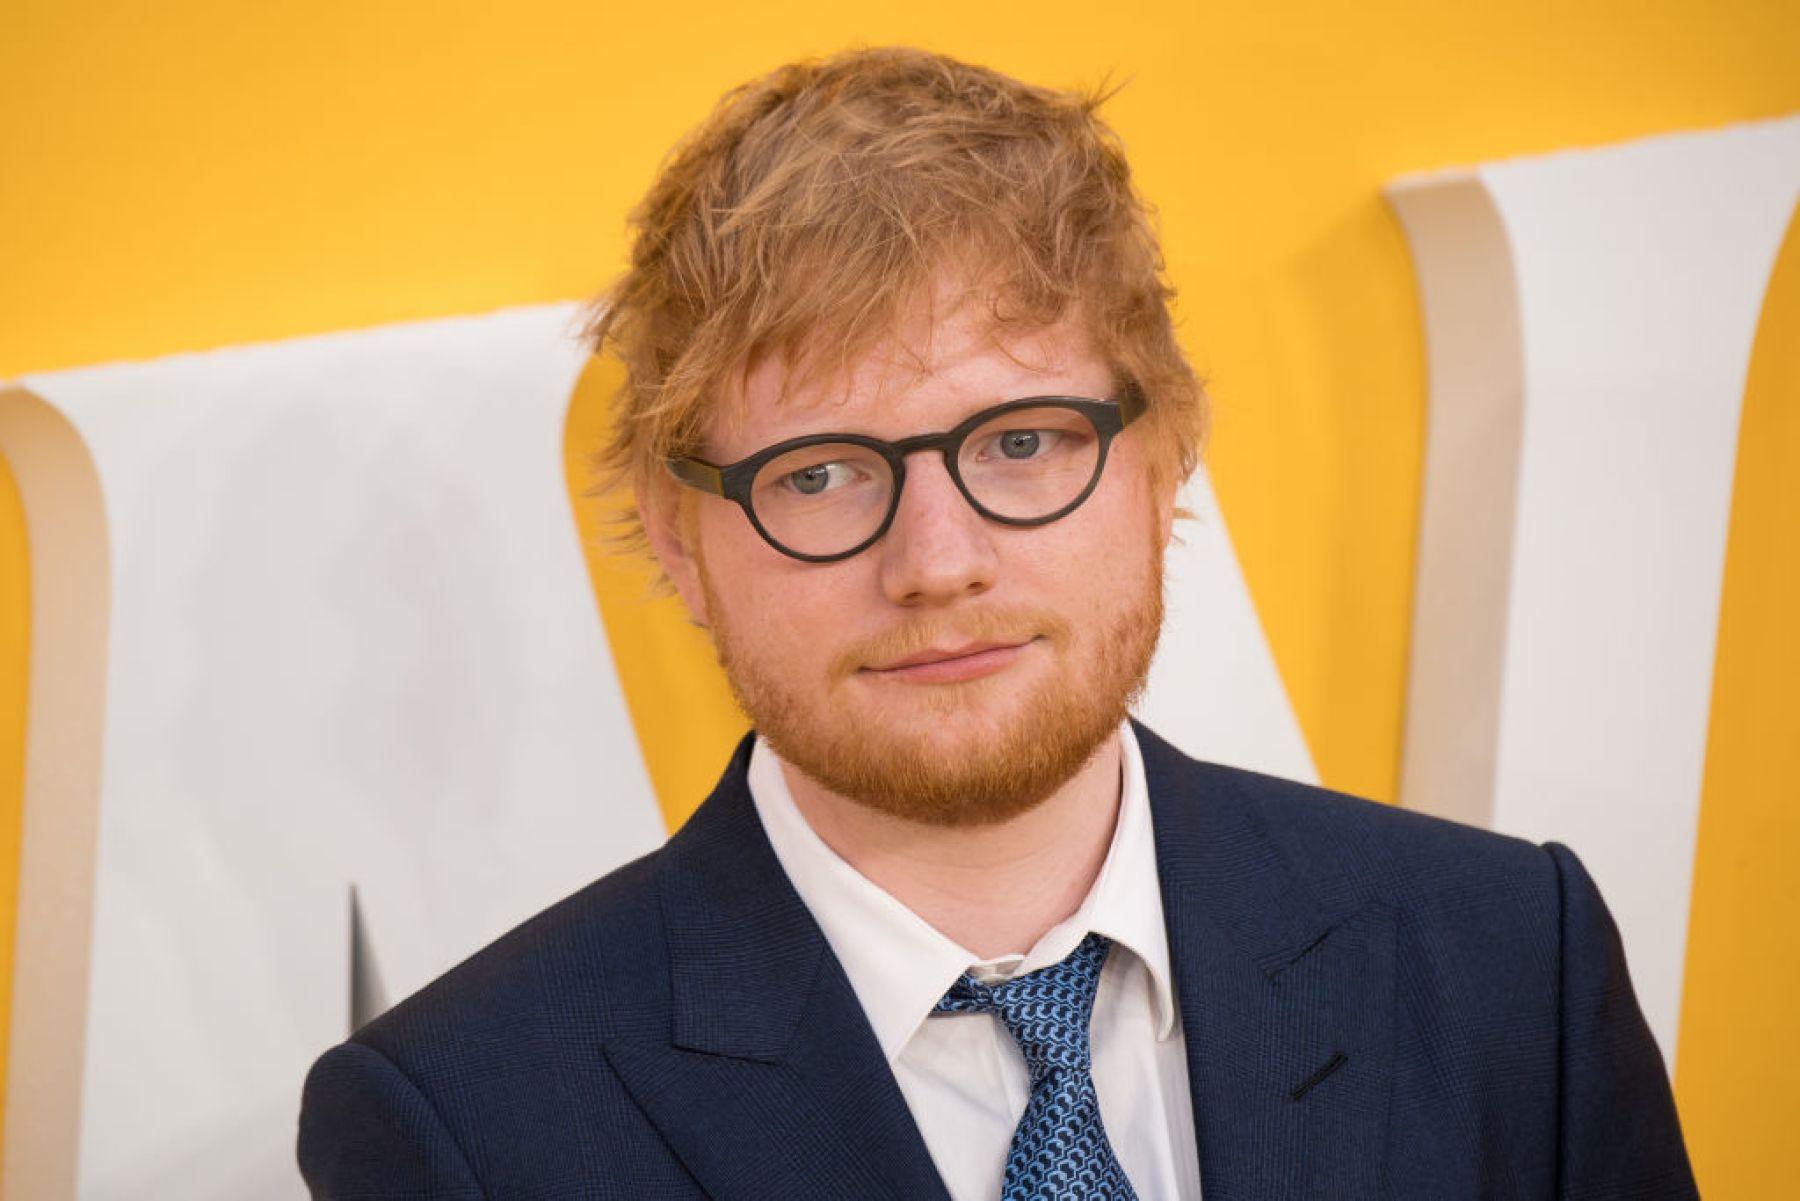 El imperio inmobiliario de Ed Sheeran